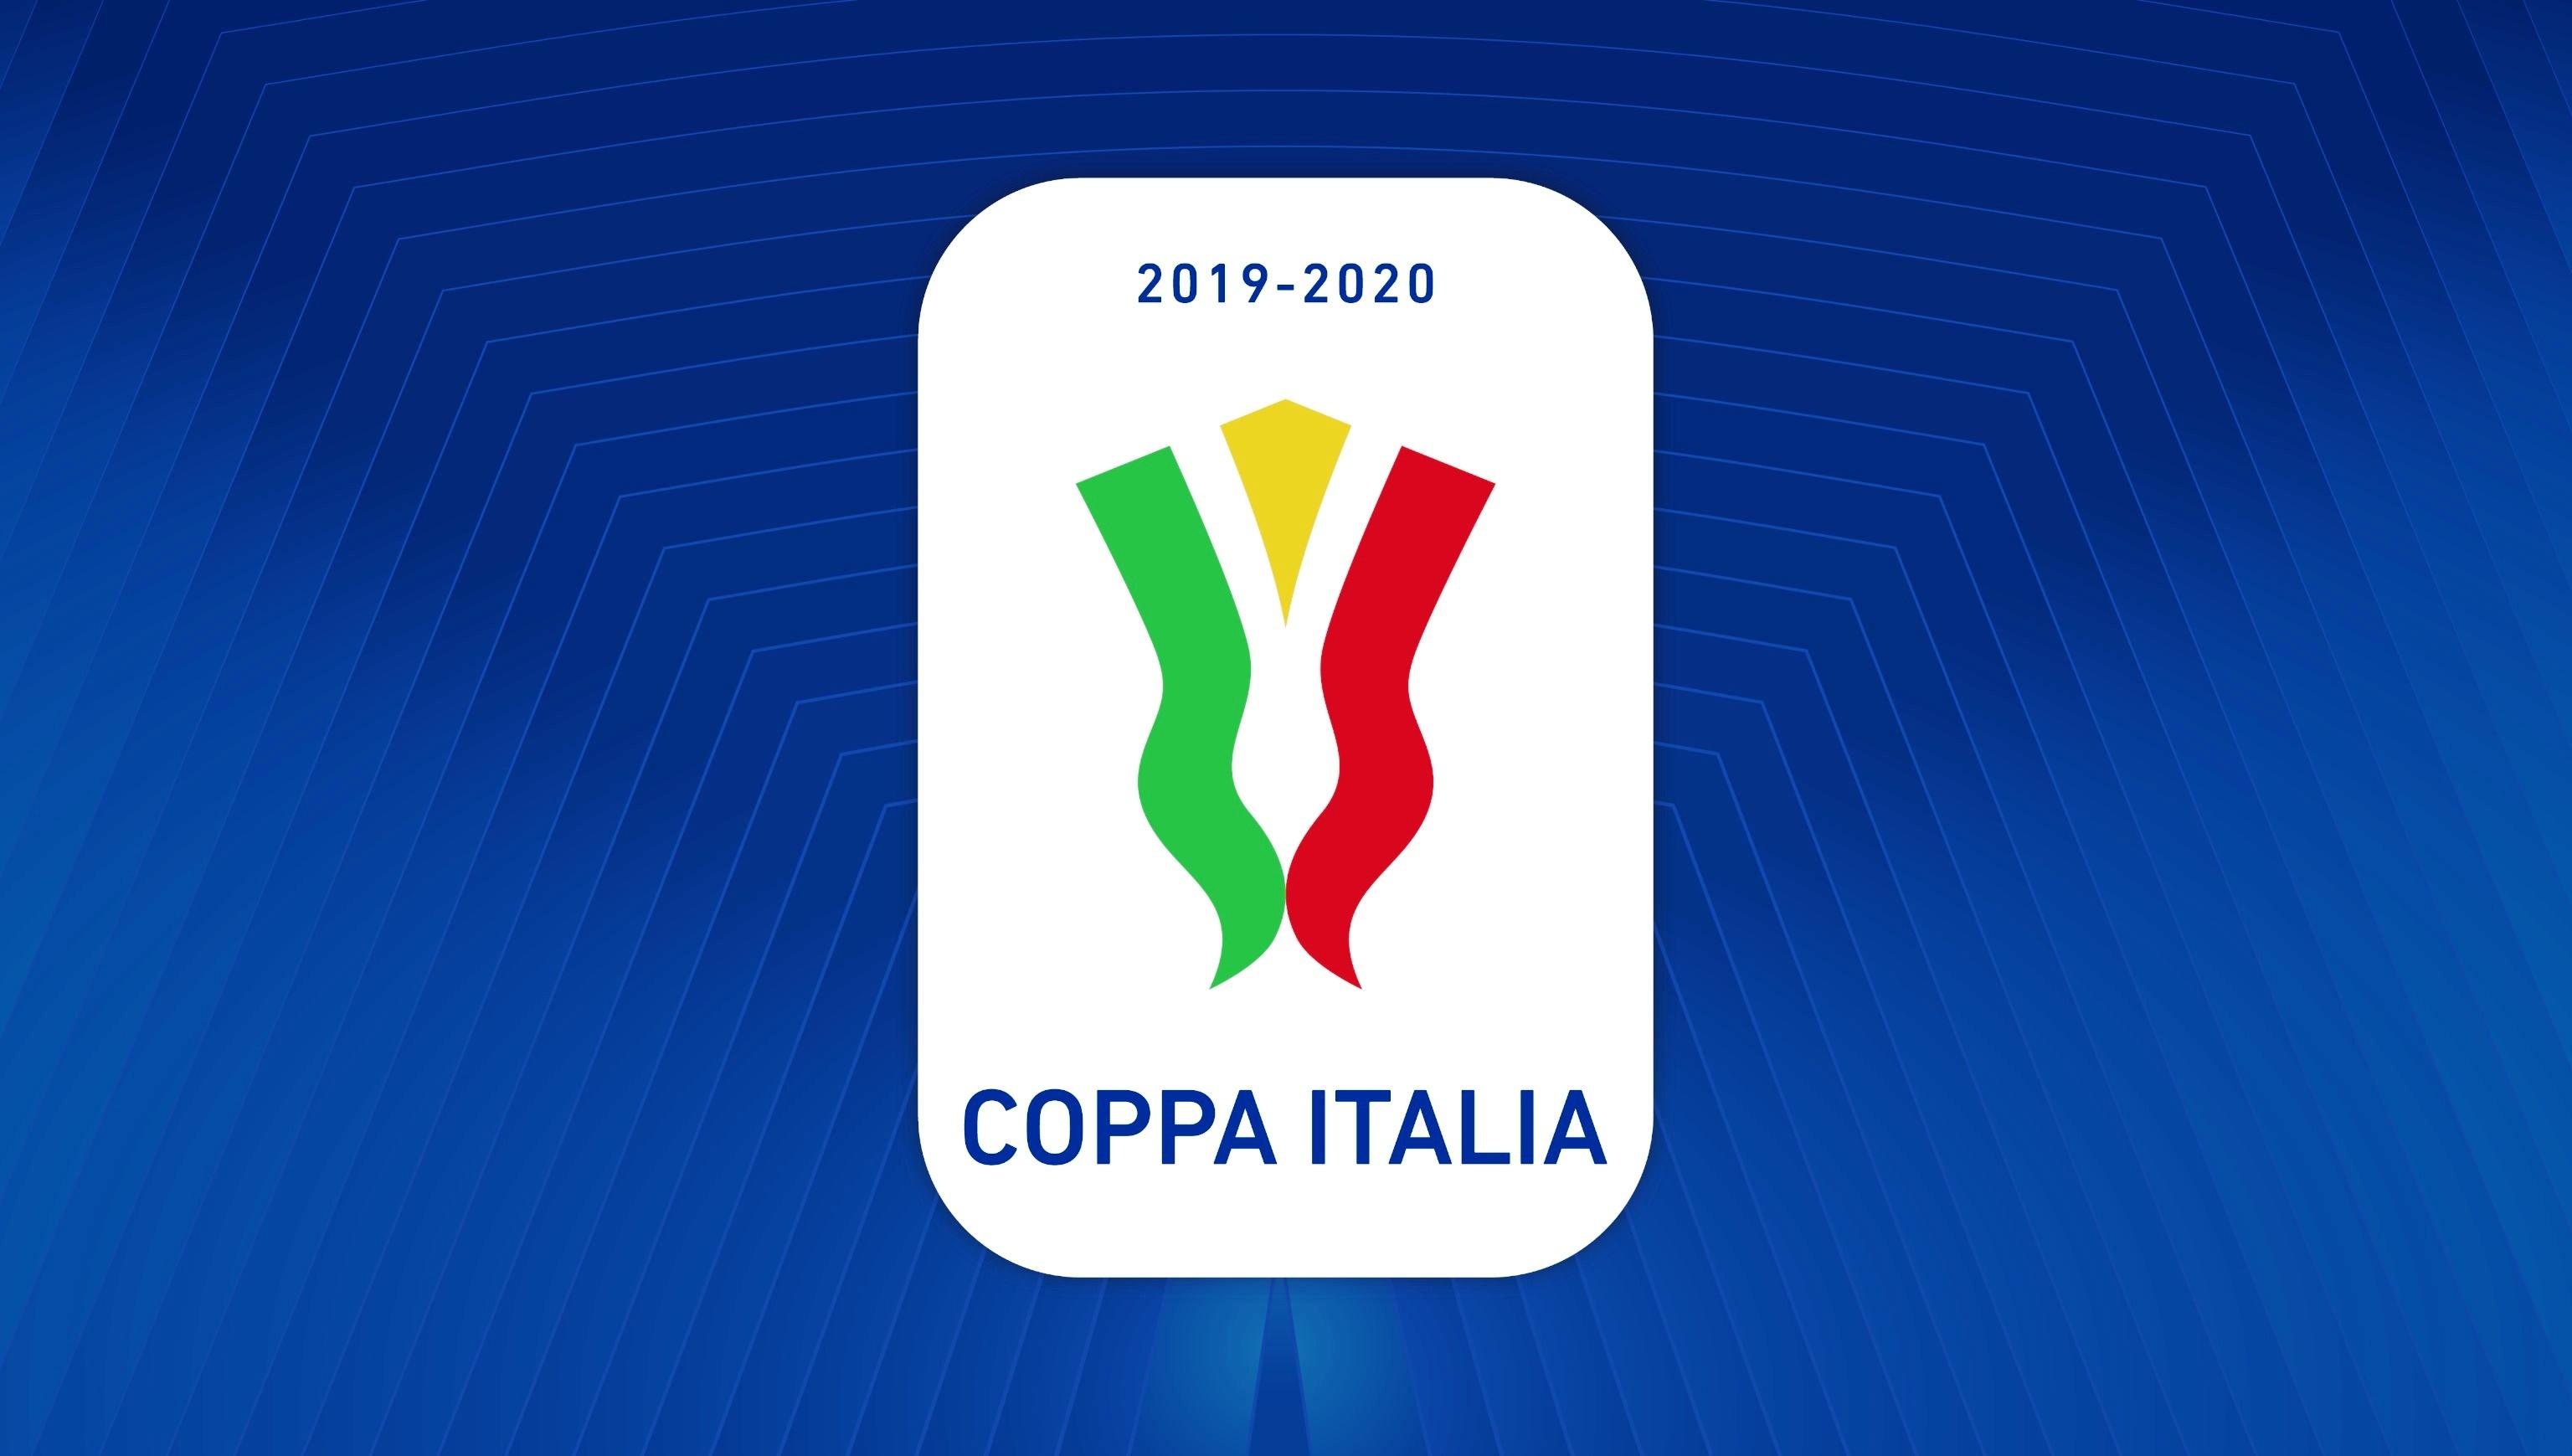 Coppa Italia 2019/2020